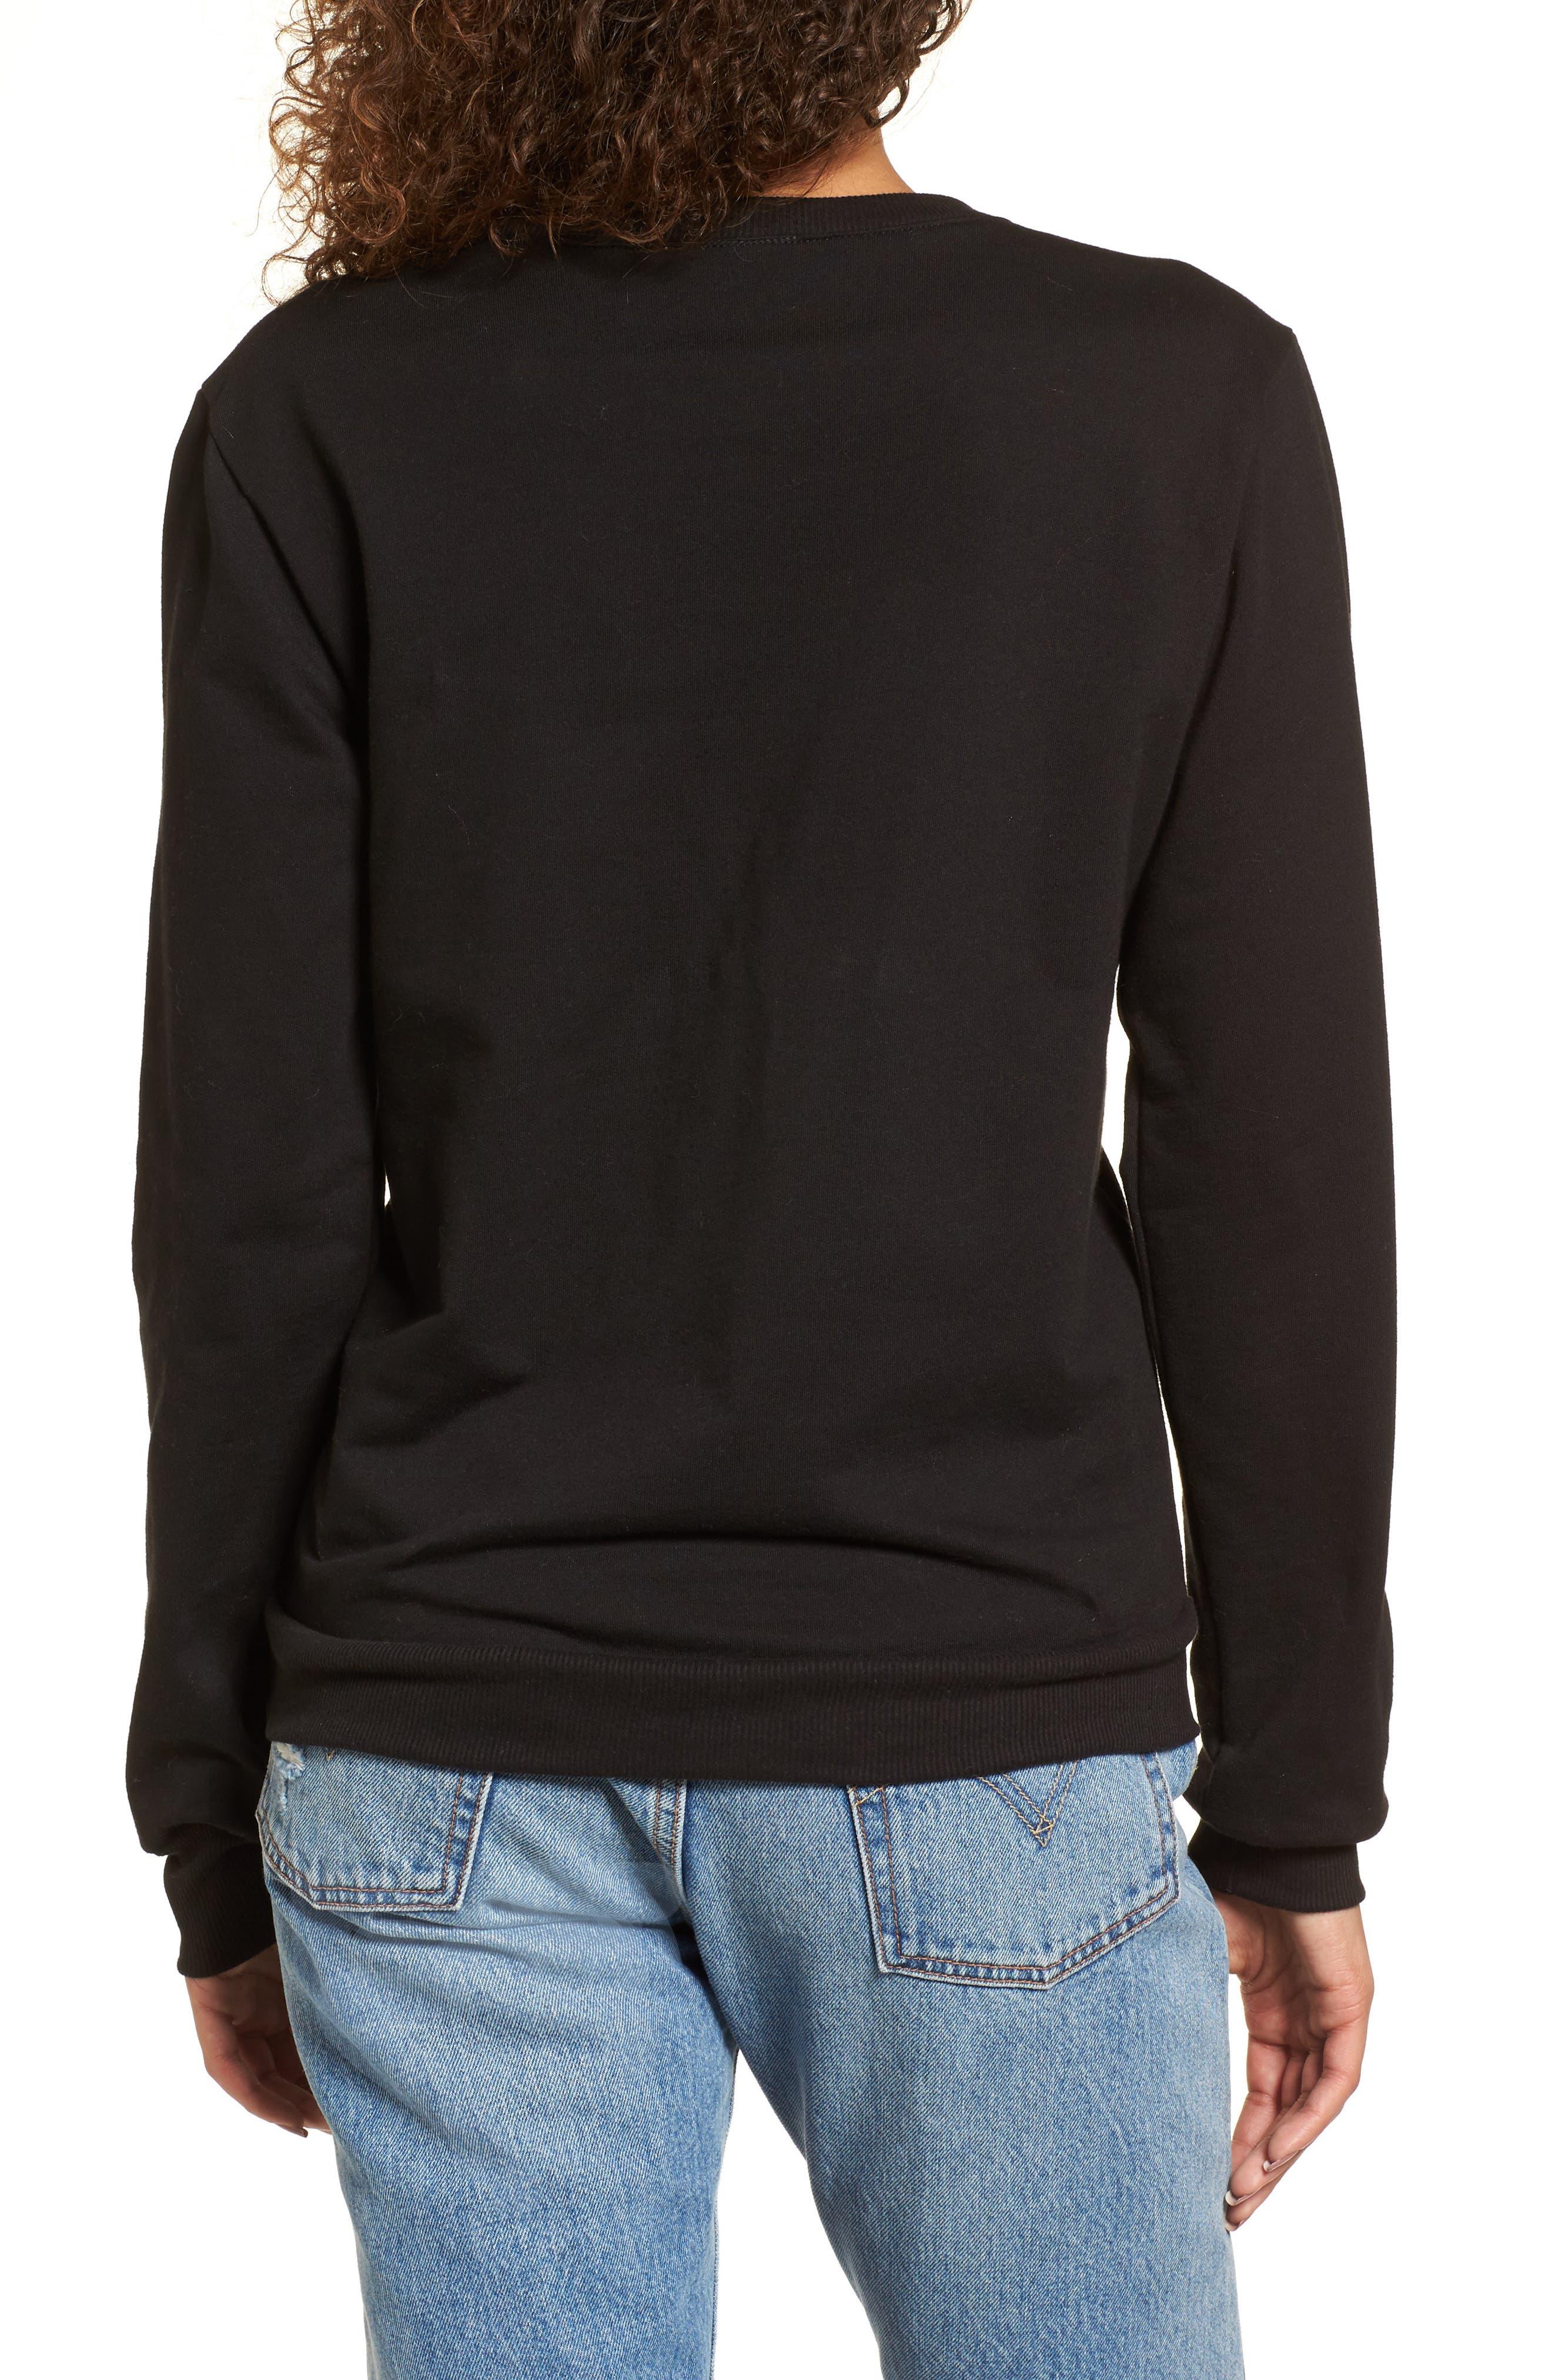 Run-DMC Sweatshirt,                             Alternate thumbnail 2, color,                             001